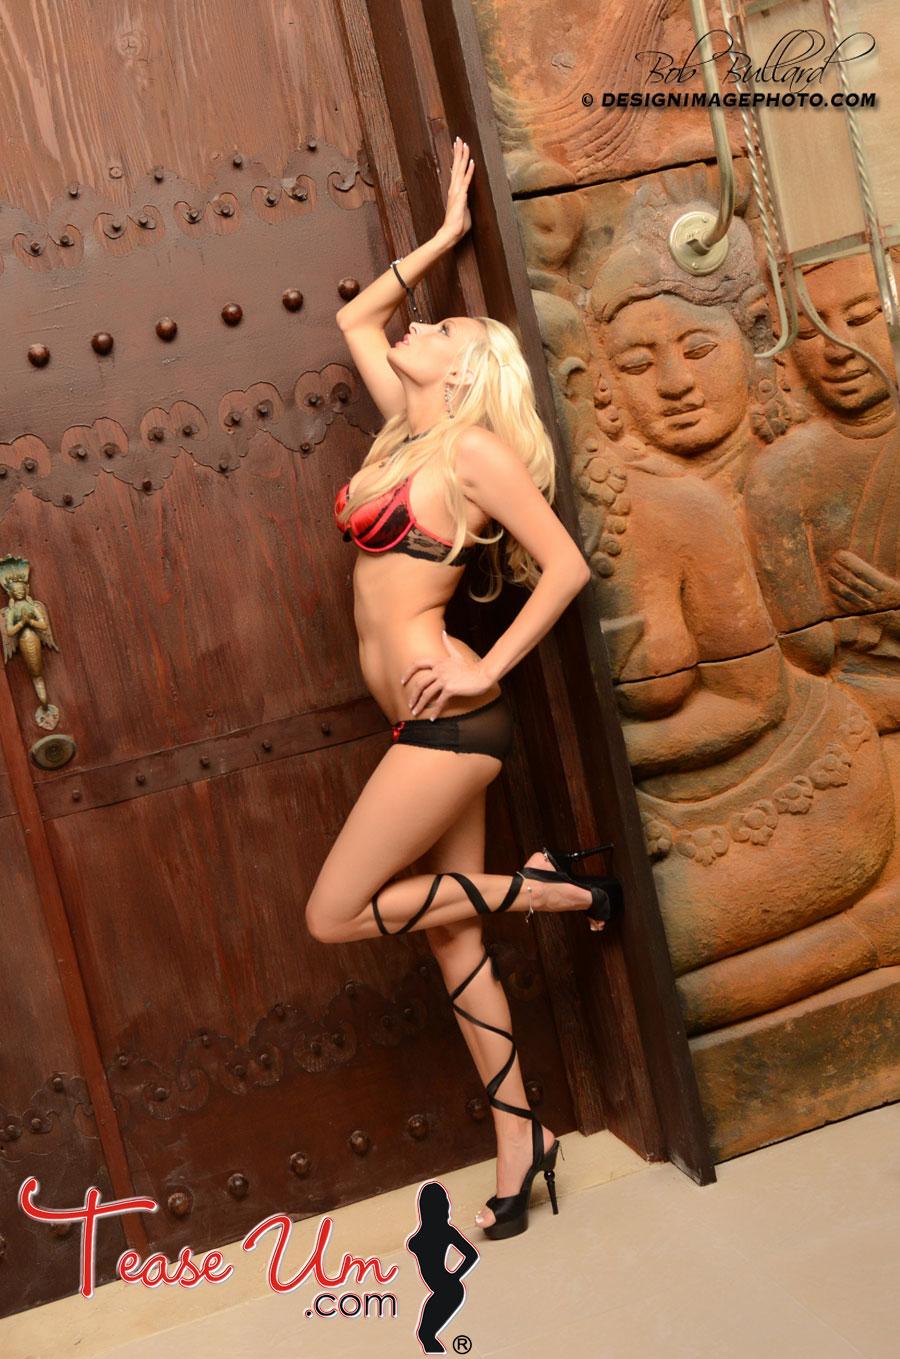 Melissa Teixeira sexy bikini babe tease pic thumb 1